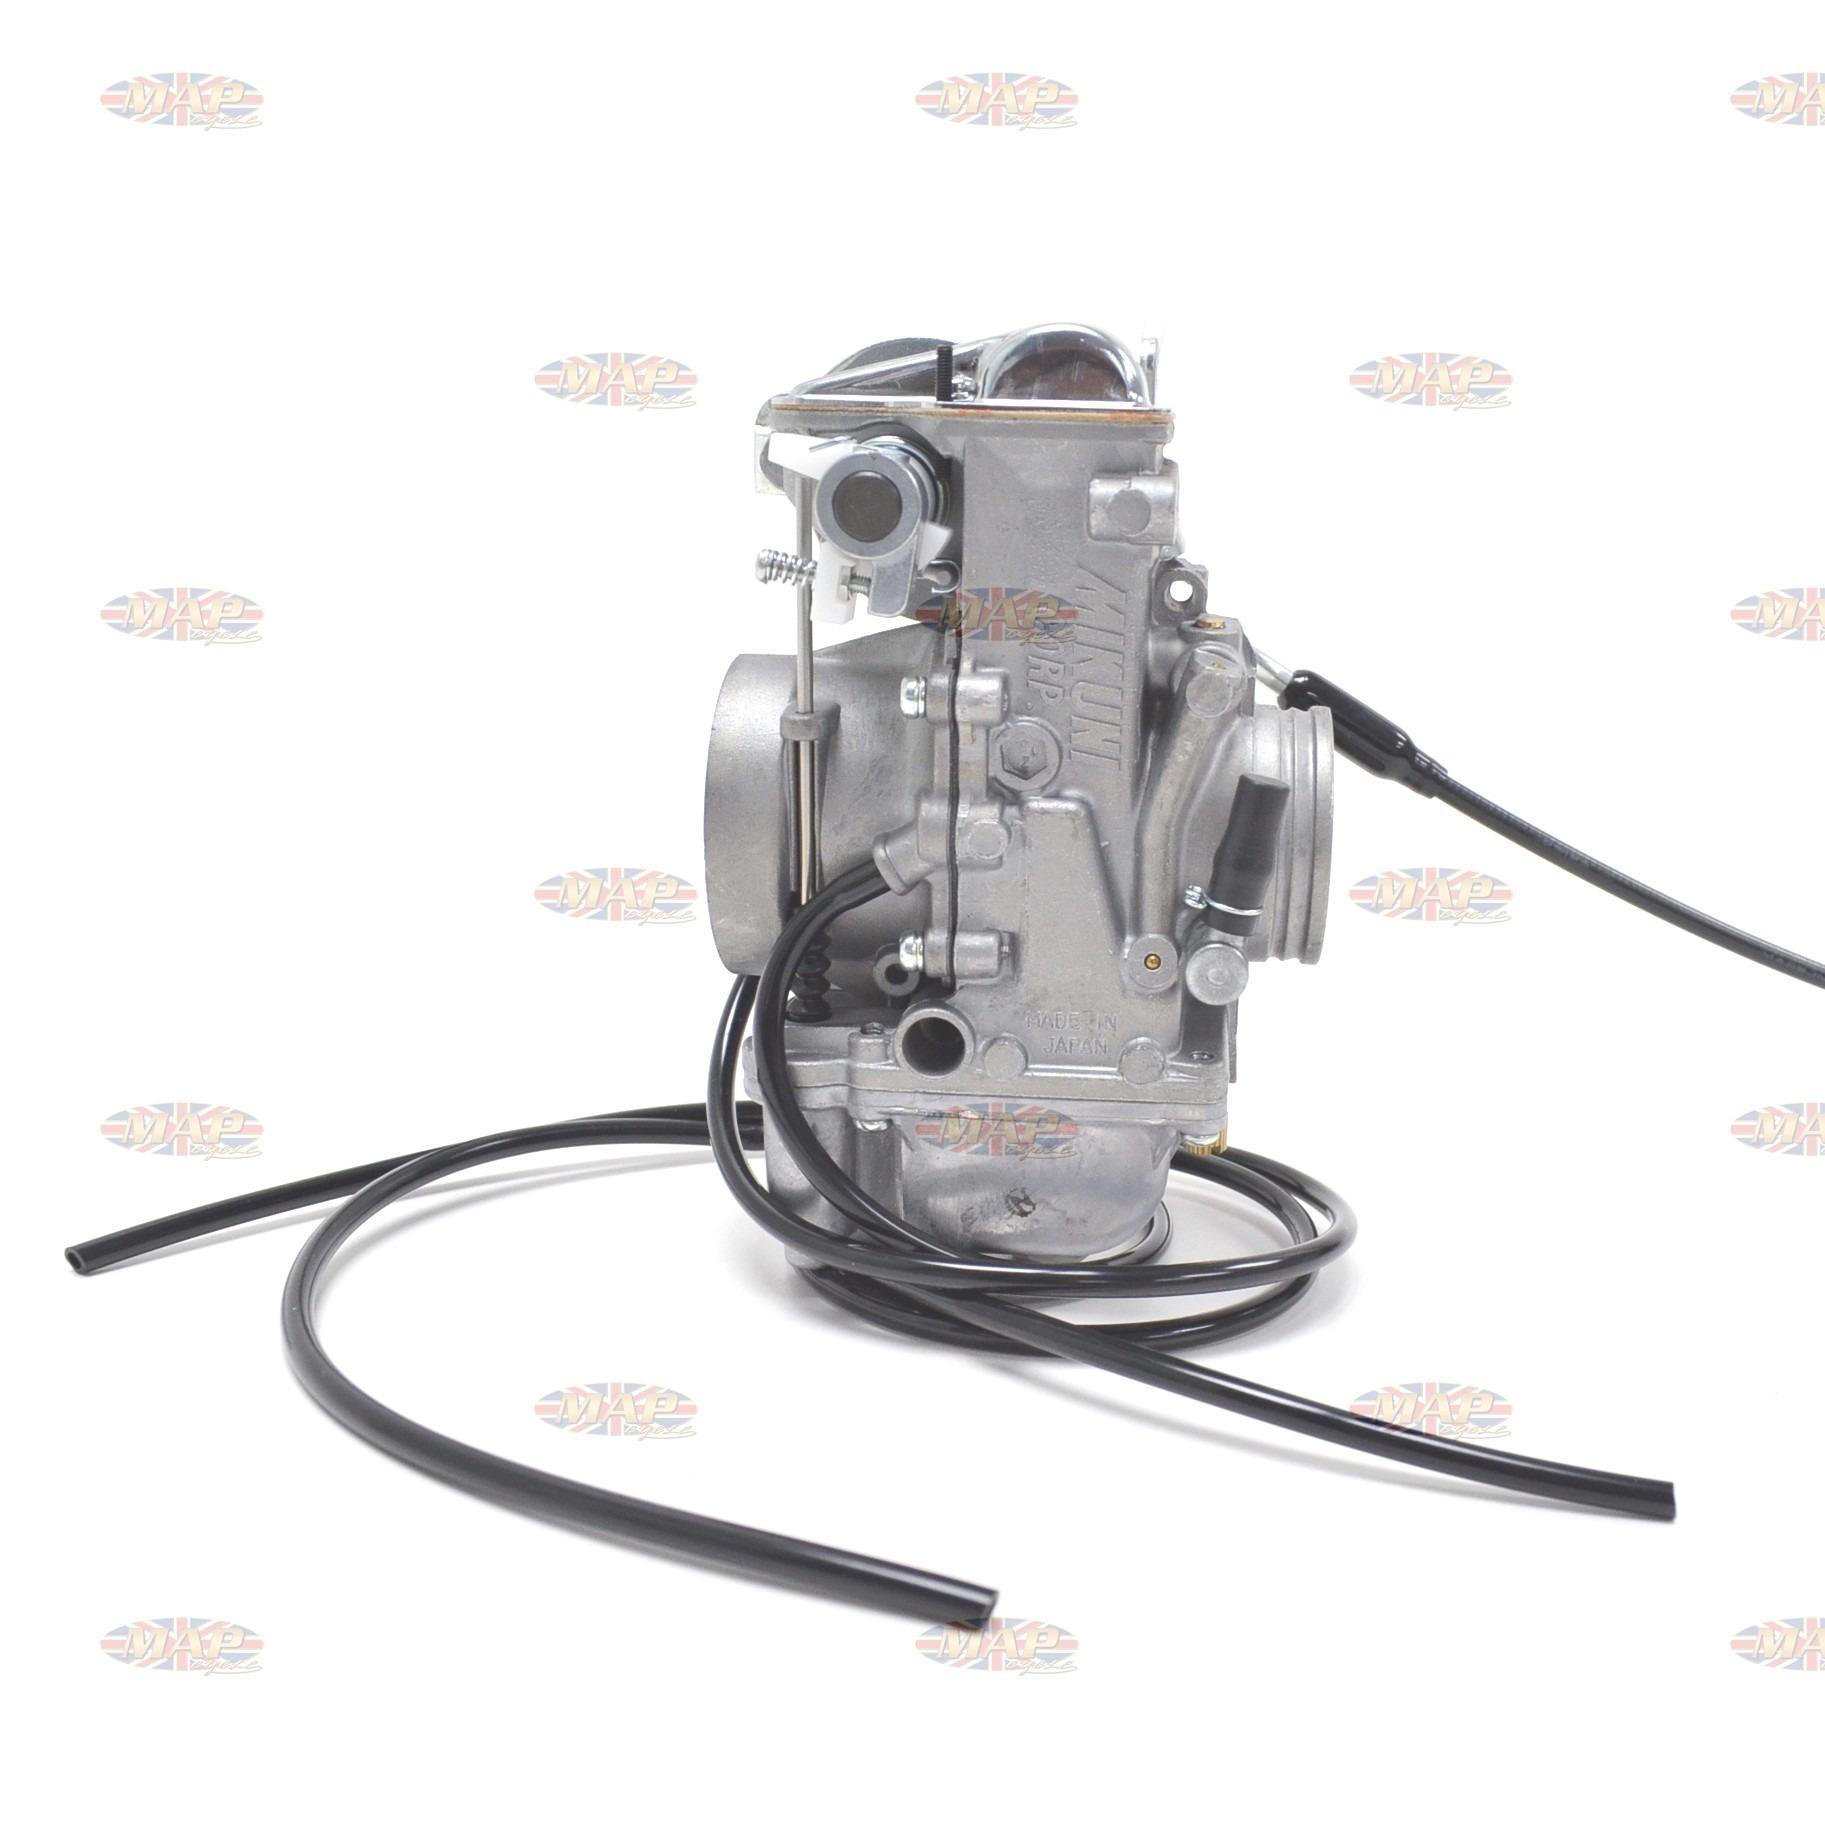 mikuni tm40 pumper flat slide 40mm pumper carburetor. Black Bedroom Furniture Sets. Home Design Ideas